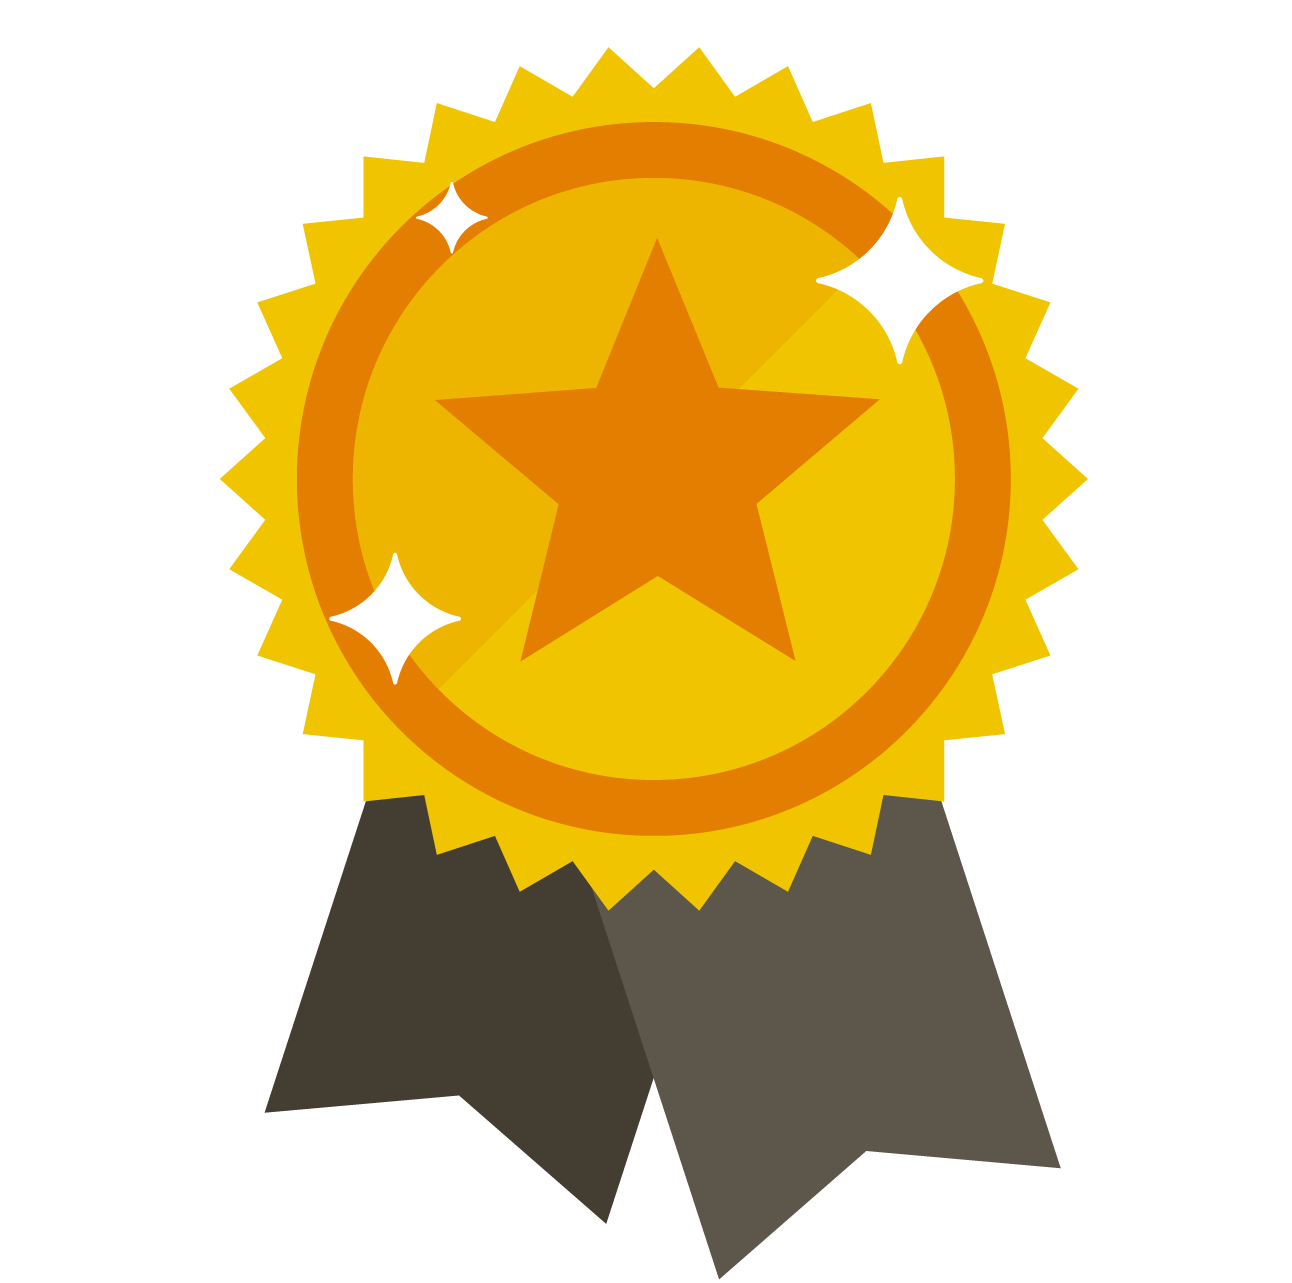 award medals sign symbols - HD1292×1283